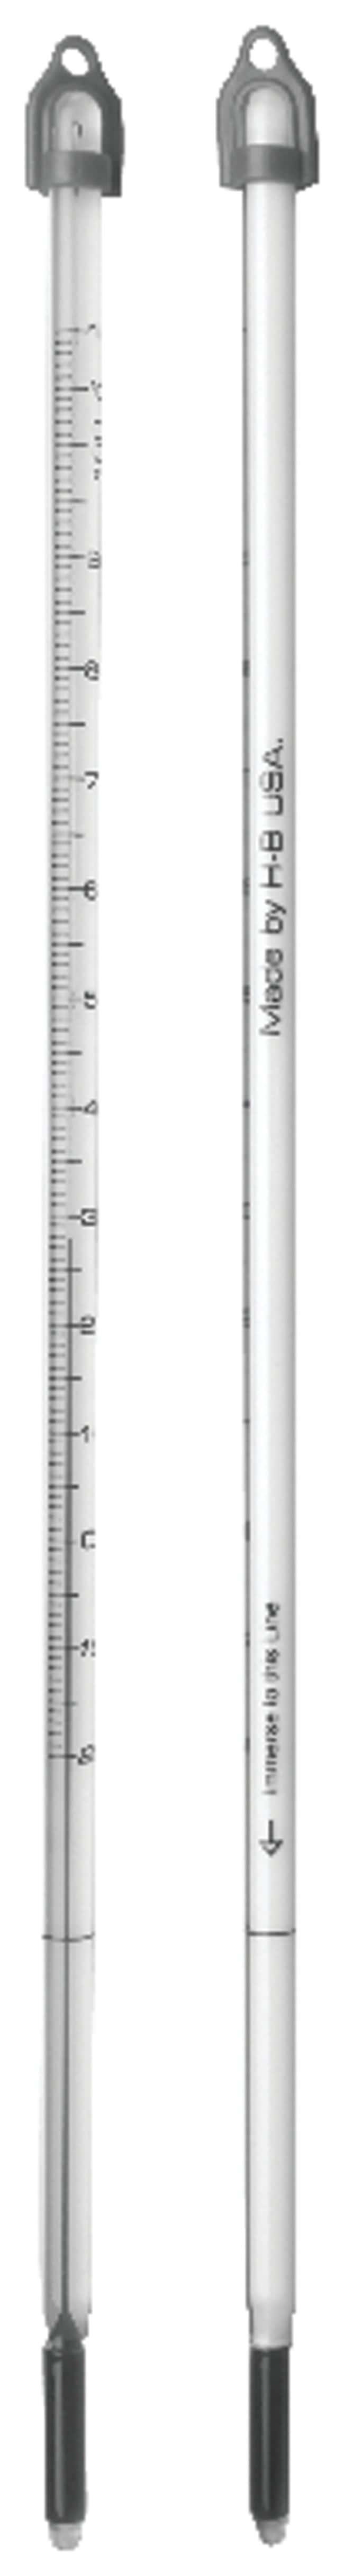 Fisherbrand Spirit Thermometers: Student Grade -20deg. to +150deg.C; Student